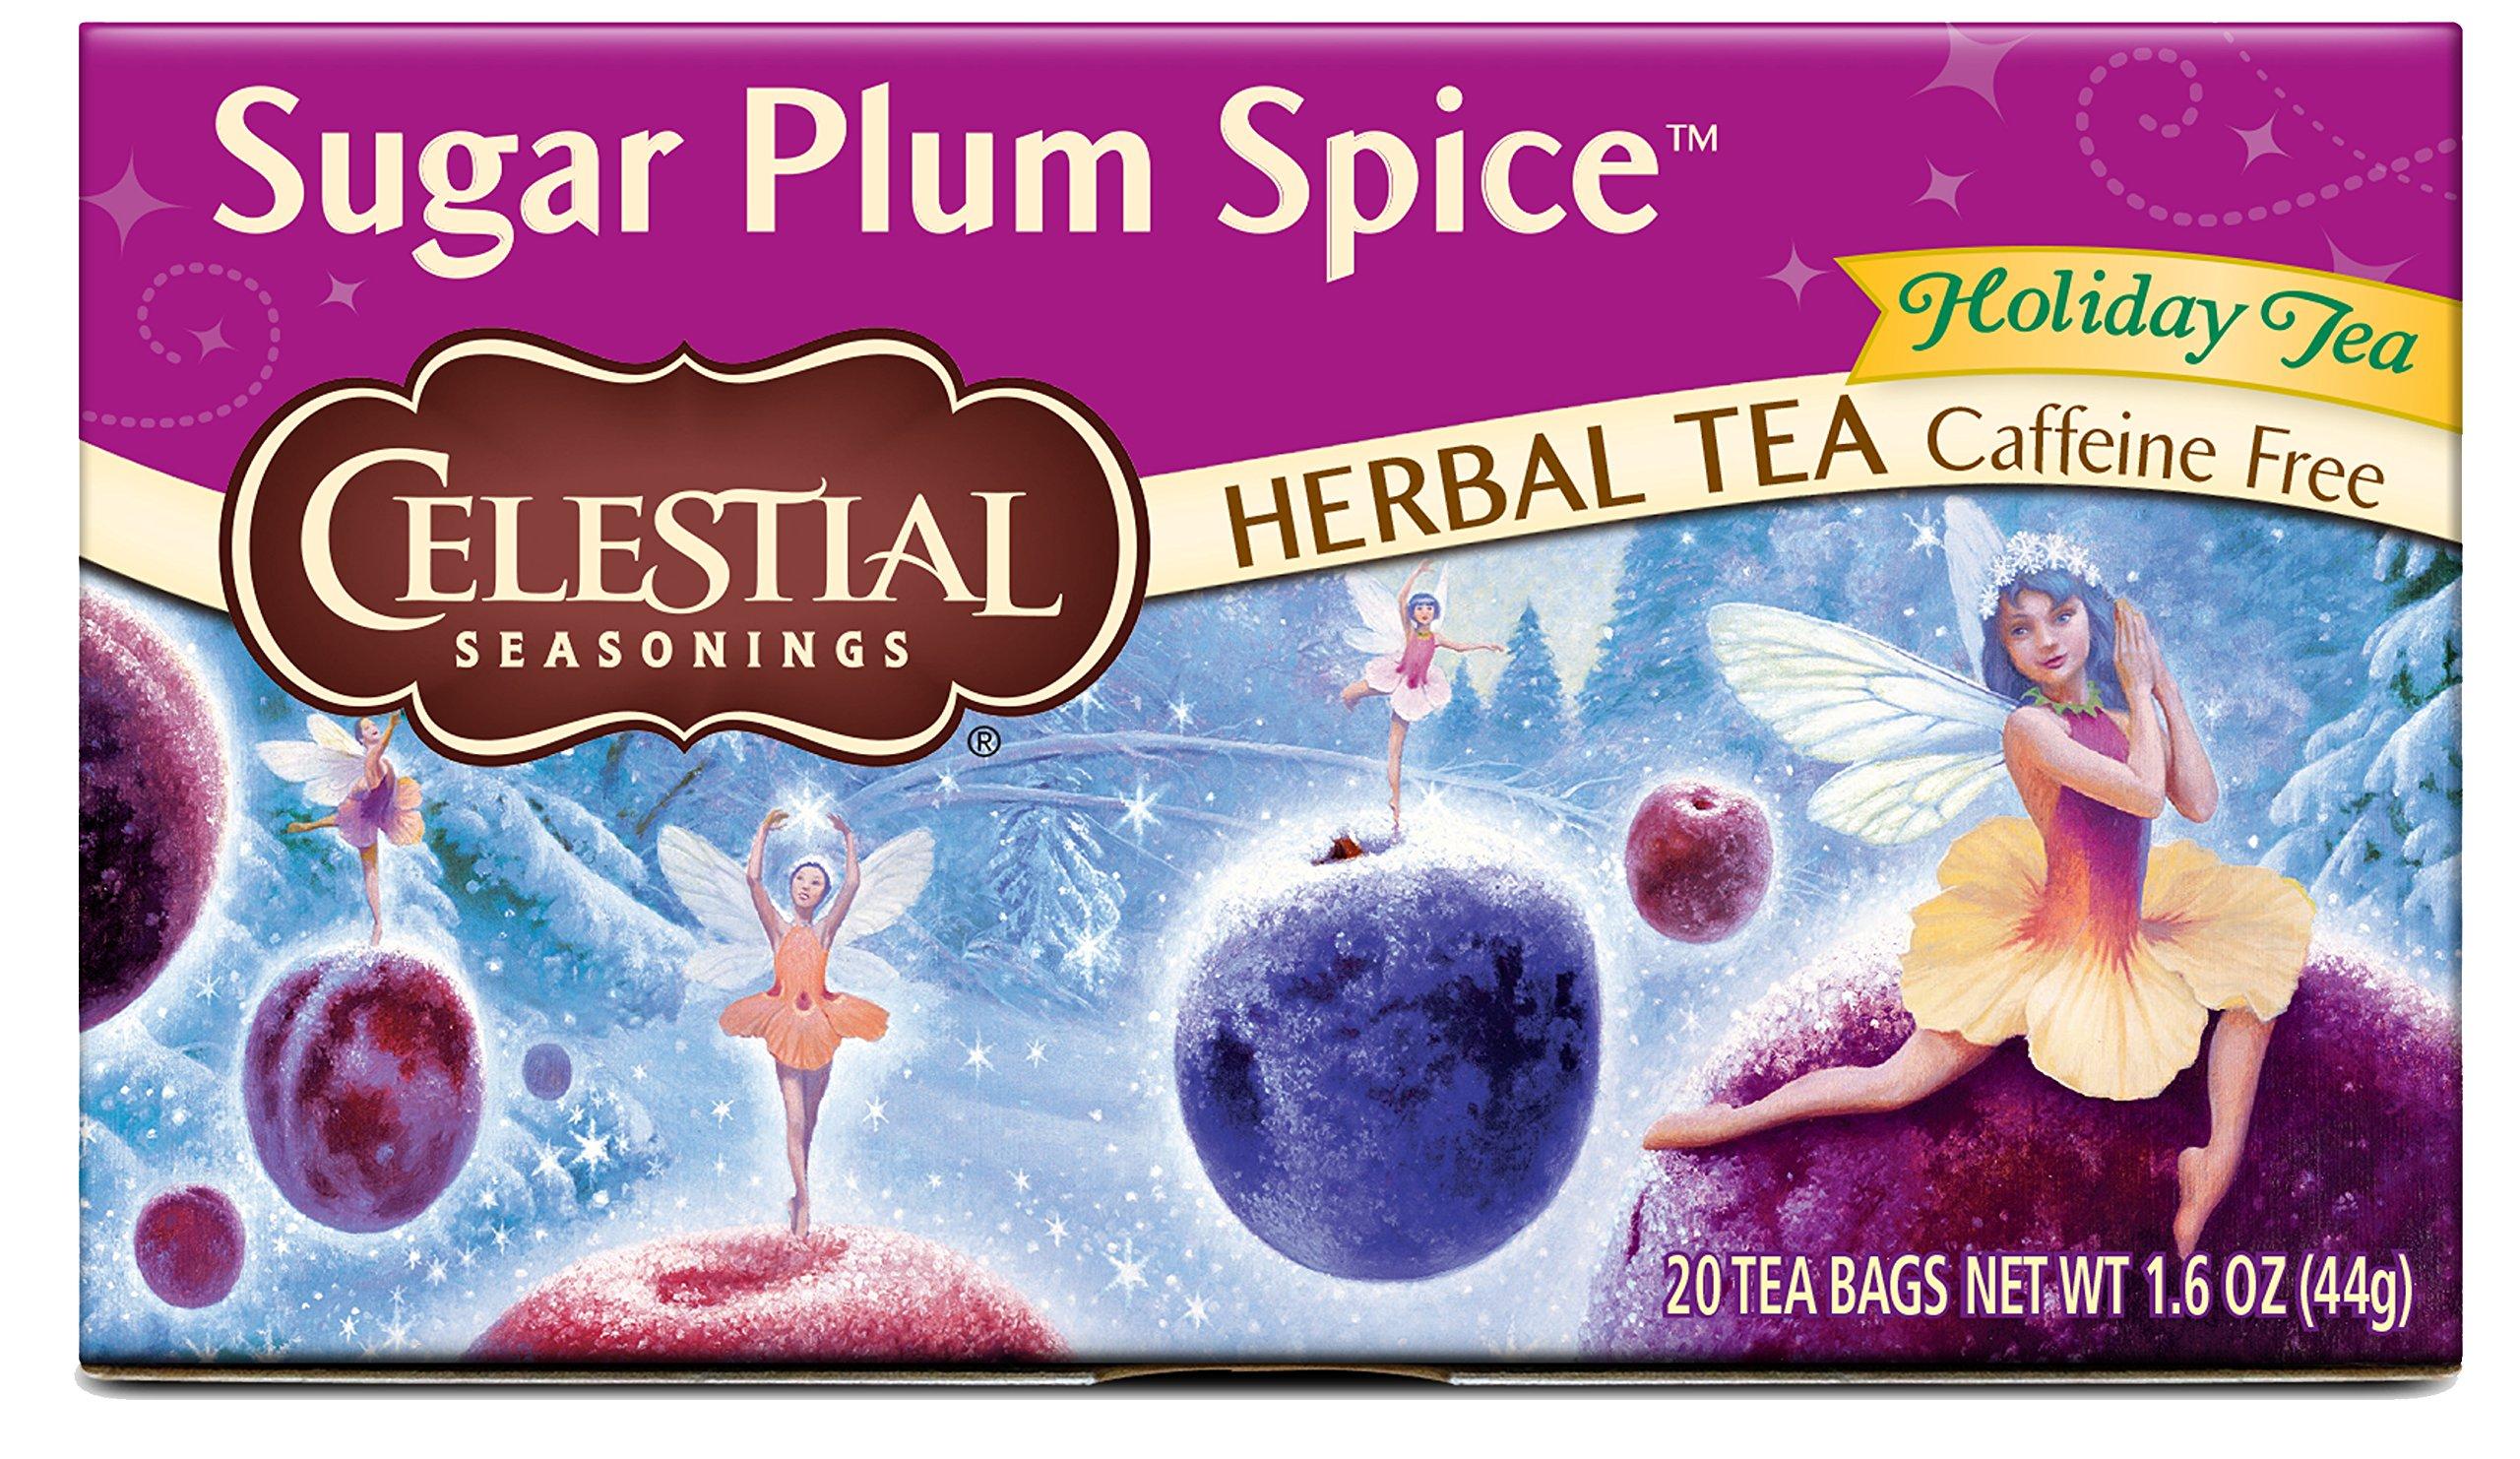 Celestial Seasonings Herbal Tea, Sugar Plum Spice, 20 Count